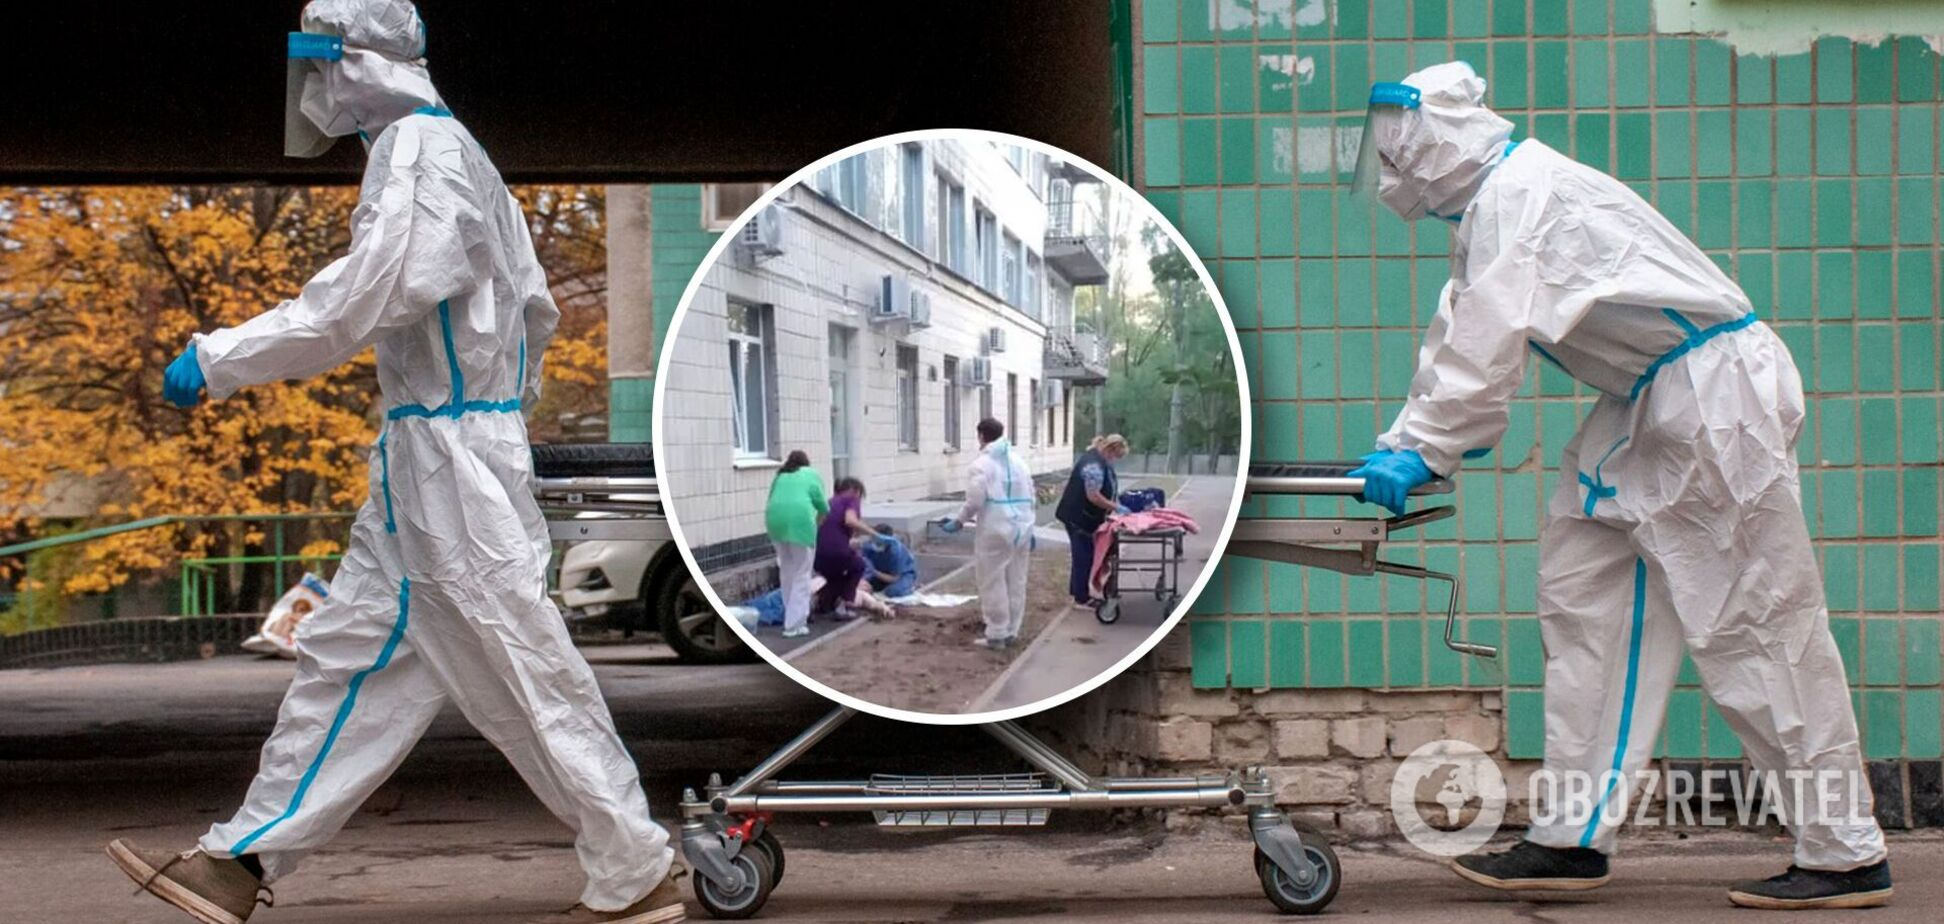 Вистрибують із вікон і вішаються: OBOZREVATEL розібрався, чому через COVID-19 Україну накрила хвиля самогубств